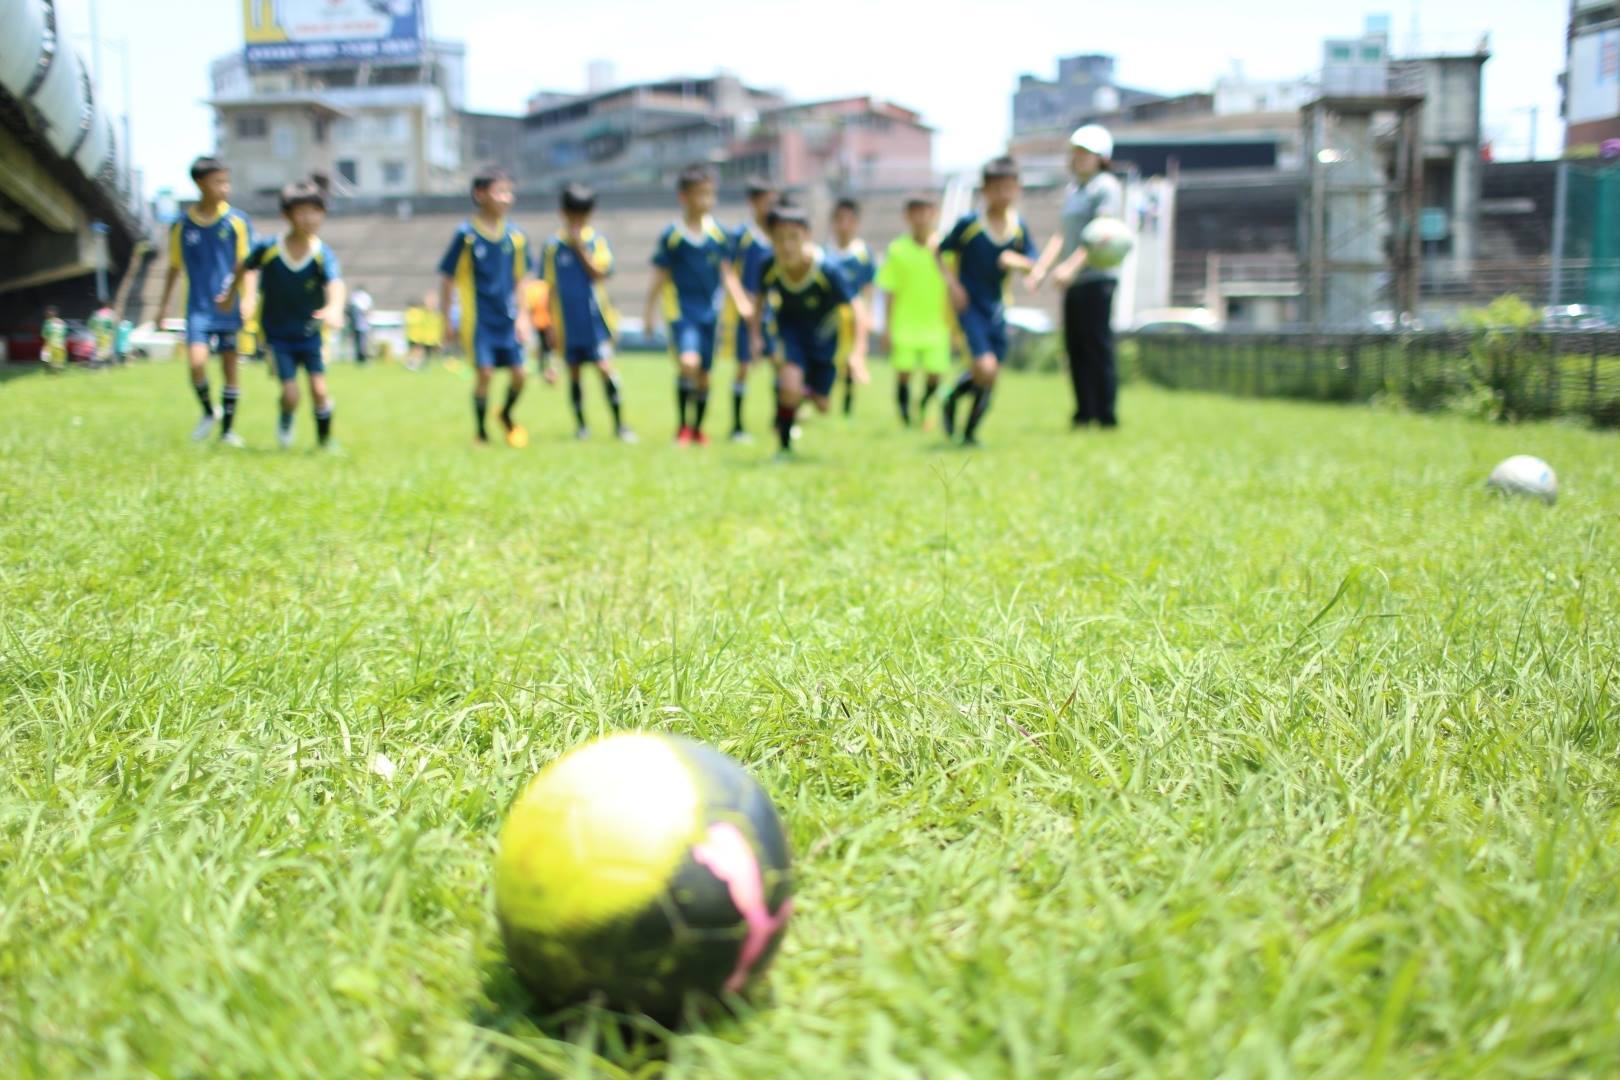 關於我們 – 新竹宇宙聯足球俱樂部 HSINCHU COSMOS UNITED FC